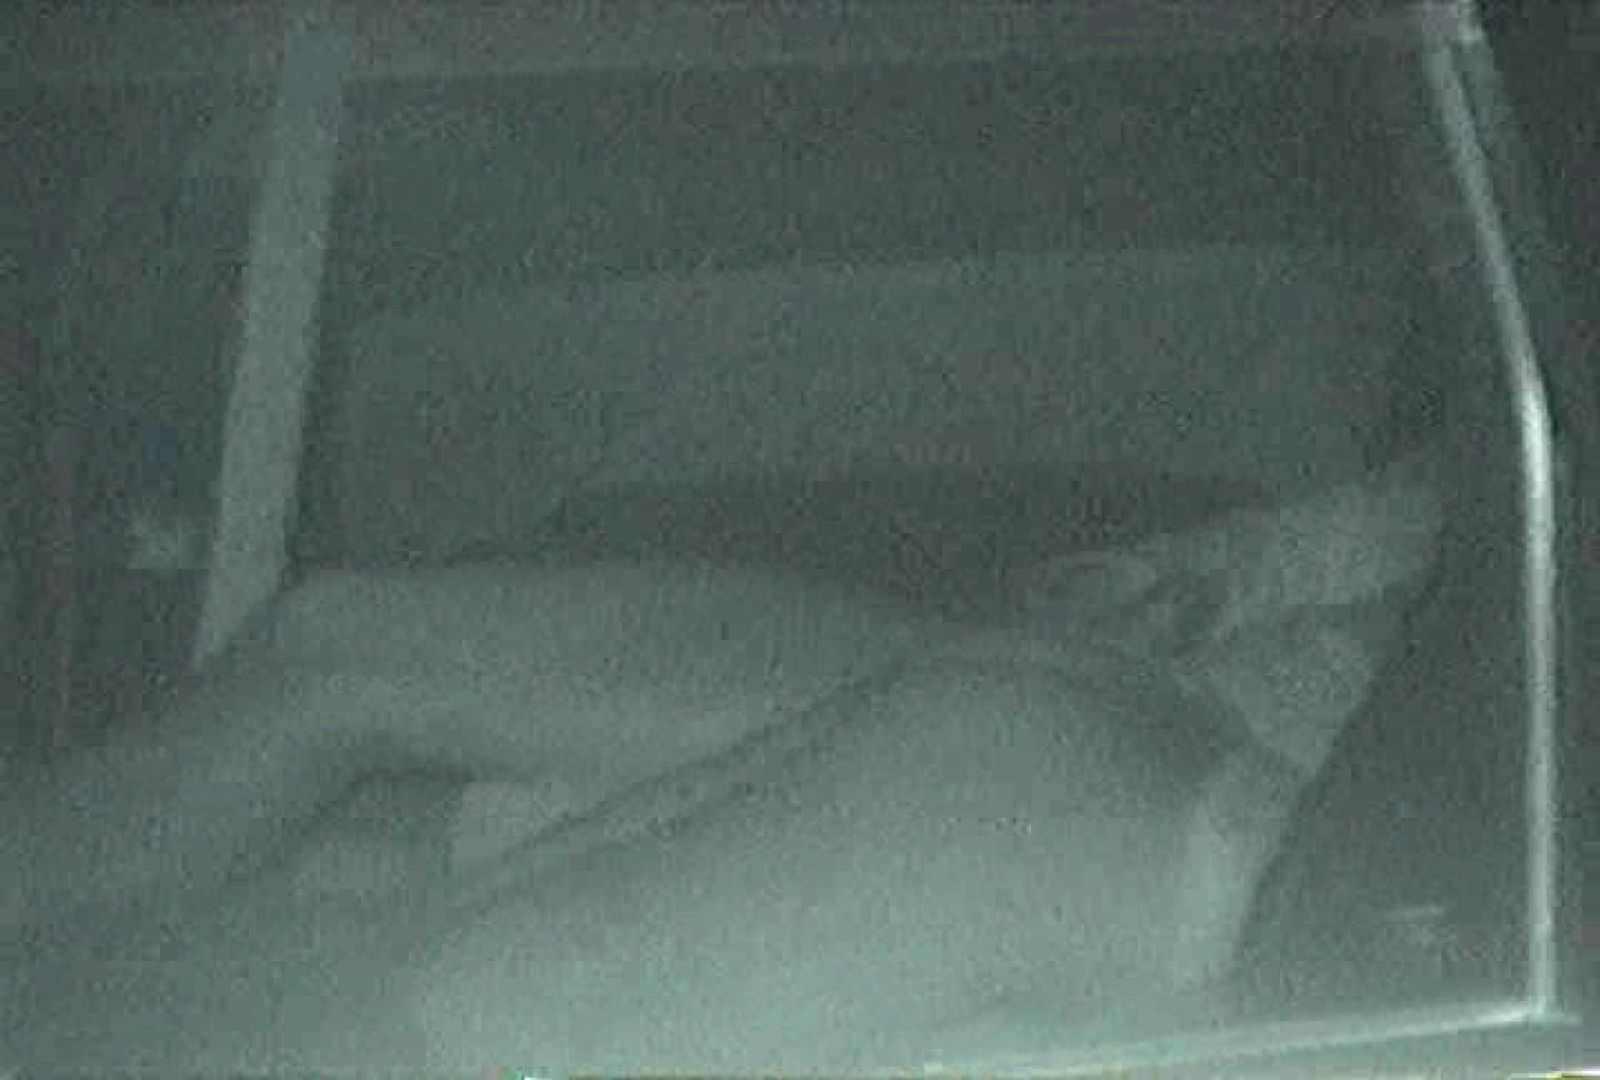 充血監督の深夜の運動会Vol.58 独身エッチOL   フェラ  91pic 65